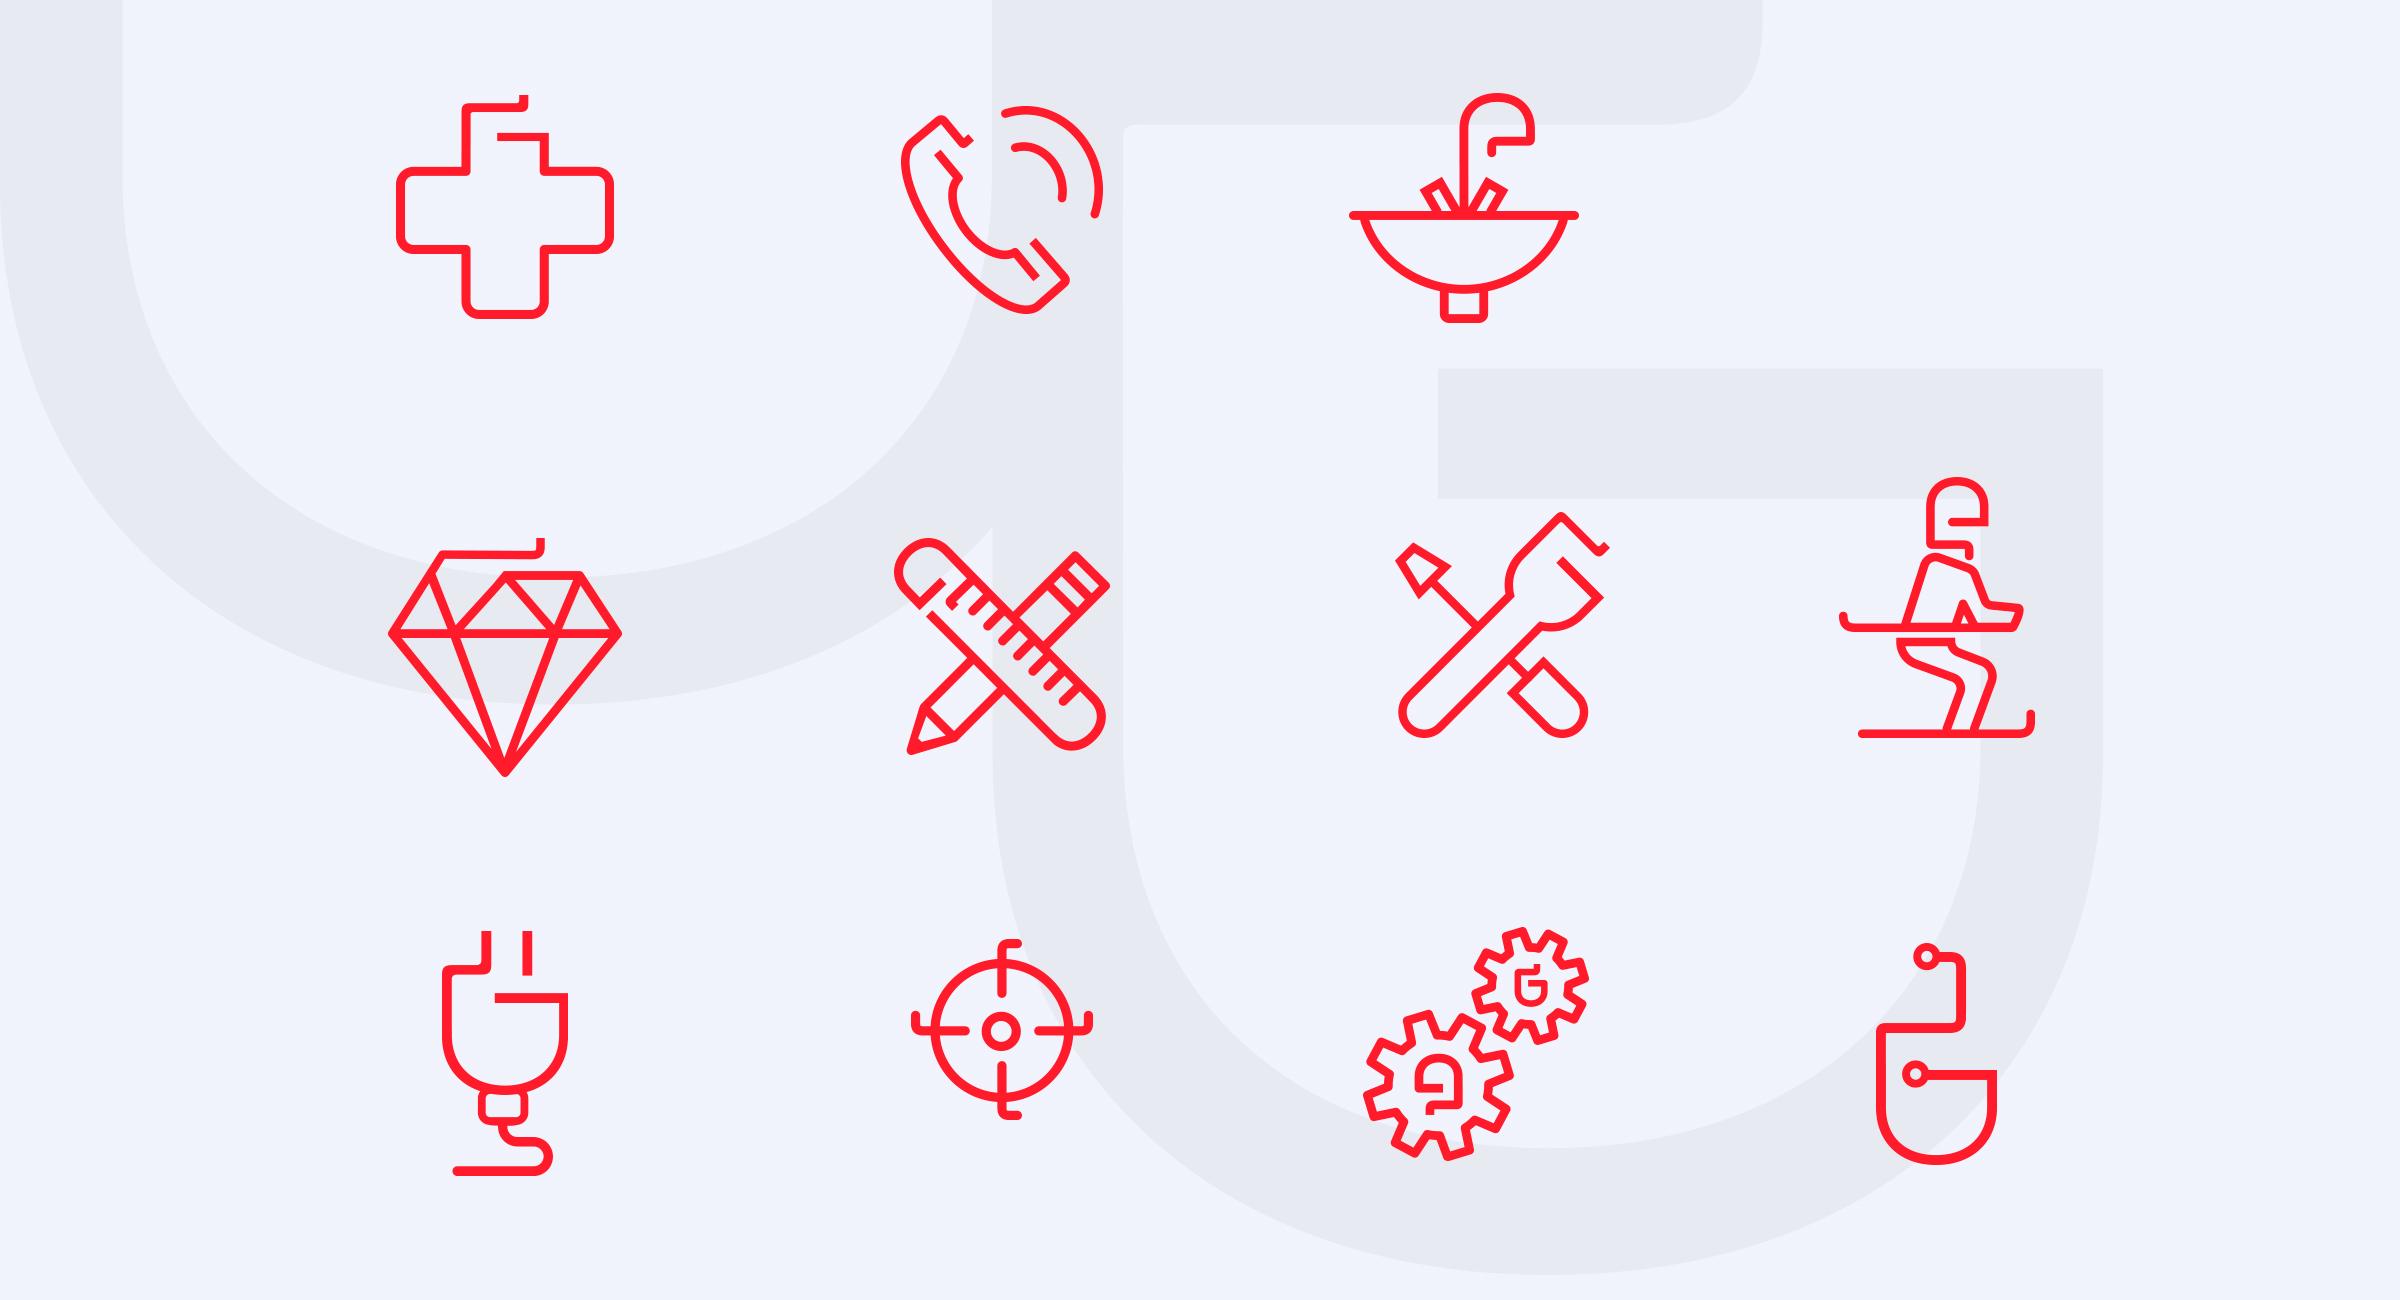 Gouvernon pictogrammes